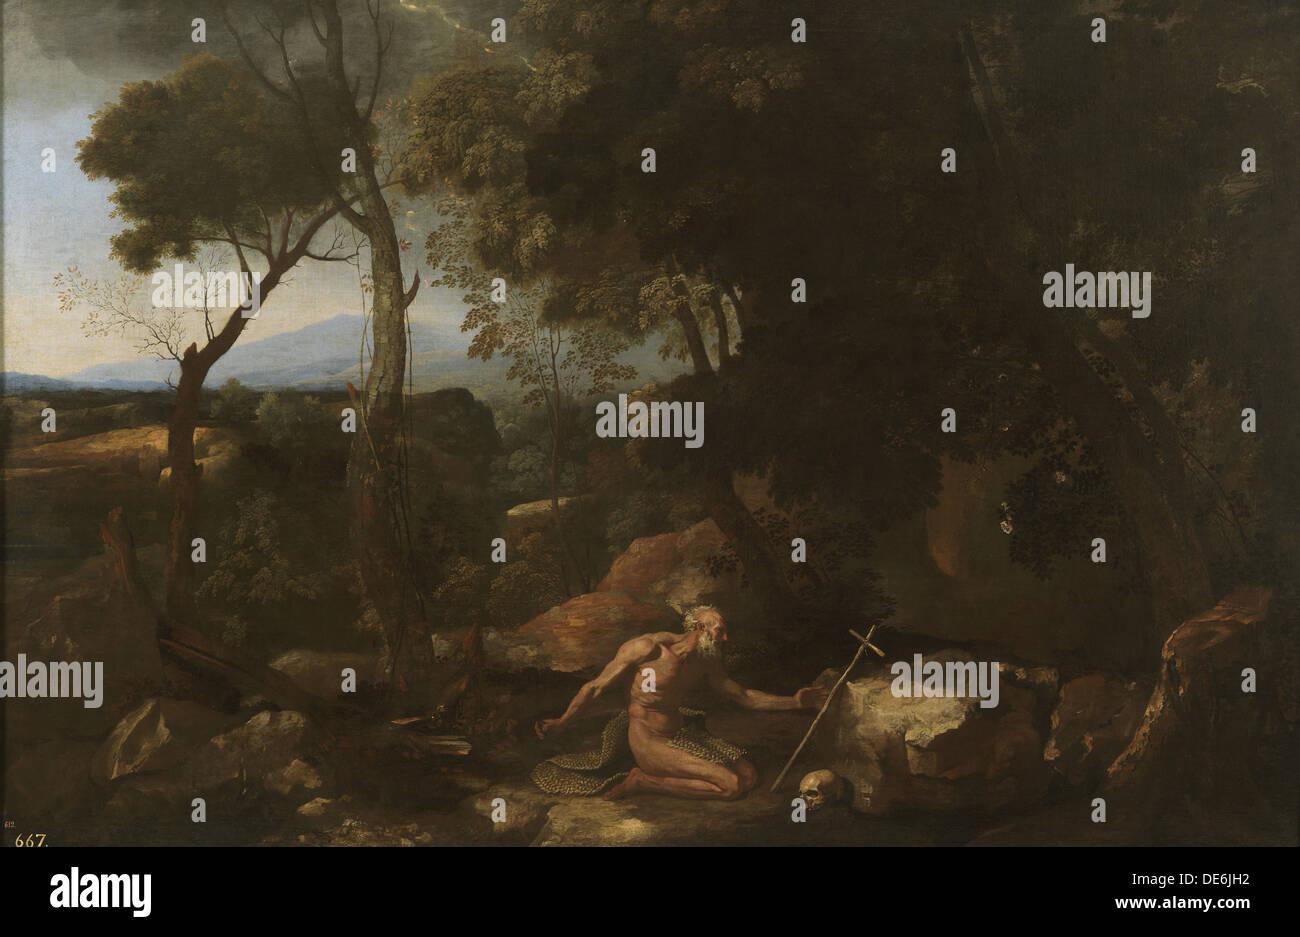 Landscape with Saint Paul the Hermit, 1638. Artist: Poussin, Nicolas (1594-1665) - Stock Image